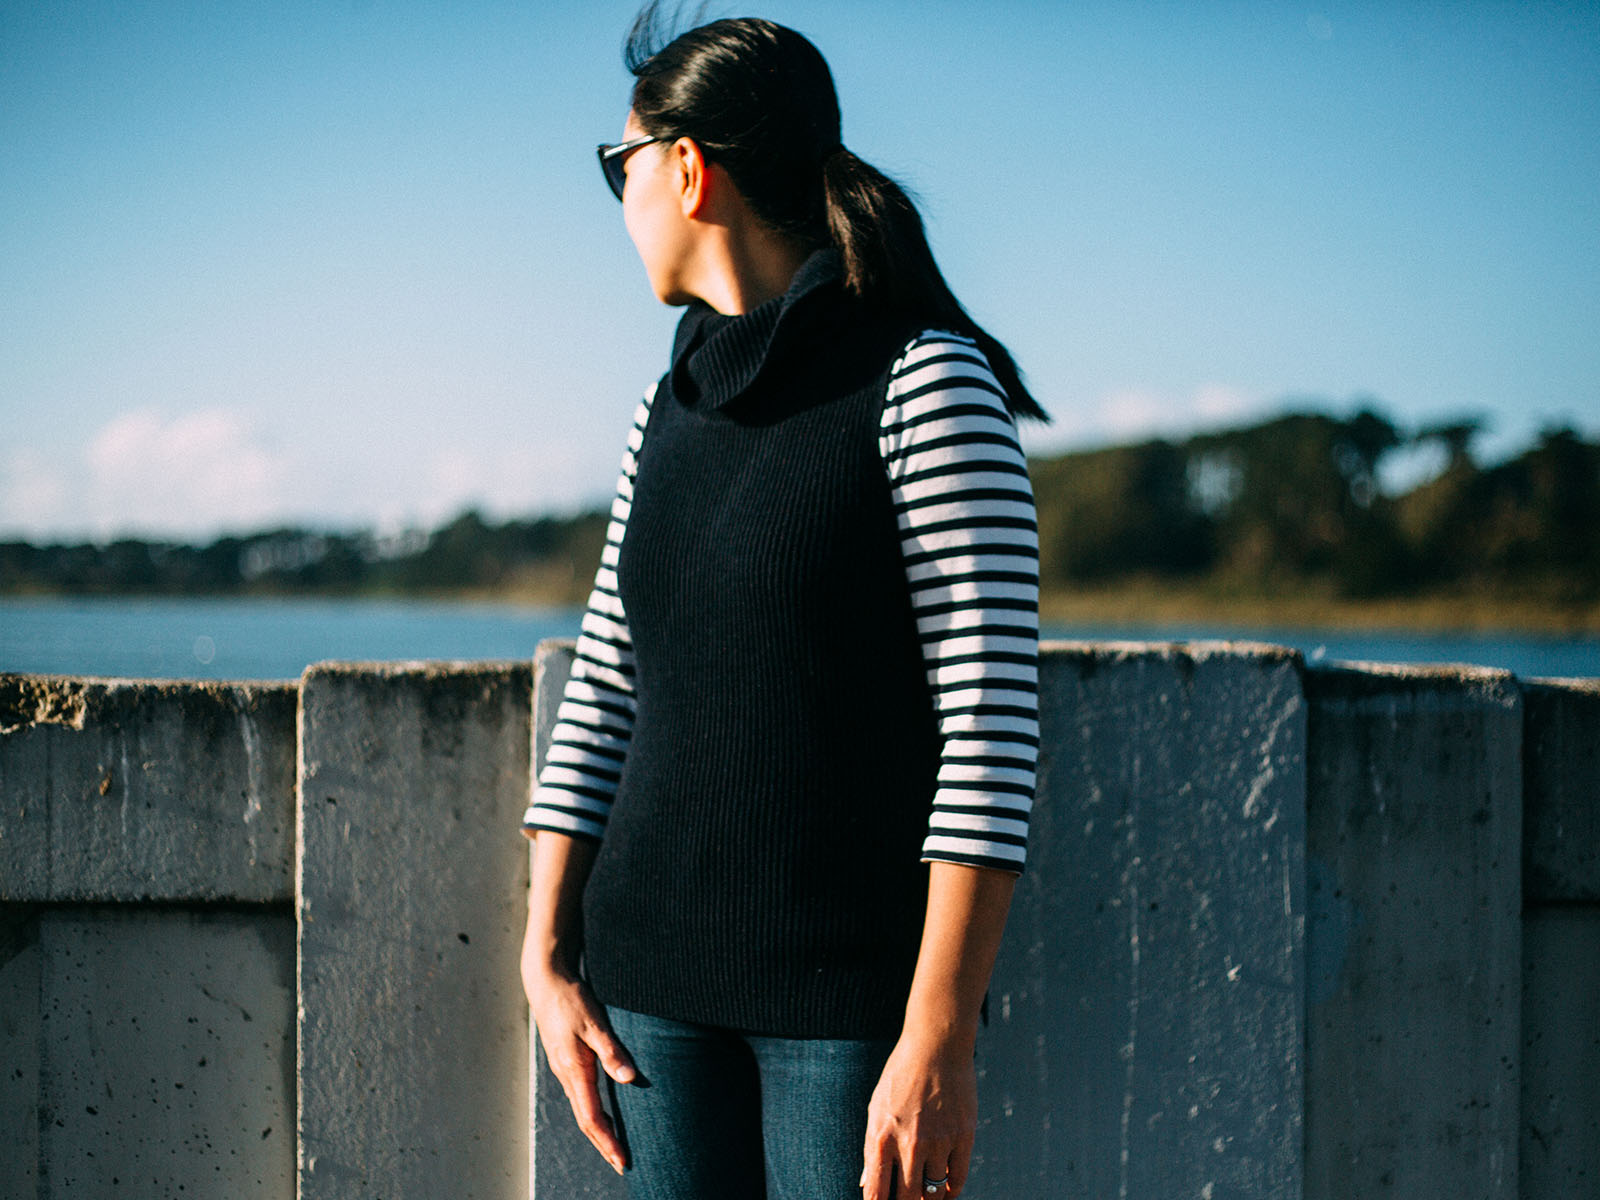 Navy sleeveless sweater   stripe shirt   skinny jeans   grey booties   www.shoppingmycloset.com   @gap #gap @jcrew #jcrew @paigedenim #paigedenim @samedelman #samedelman